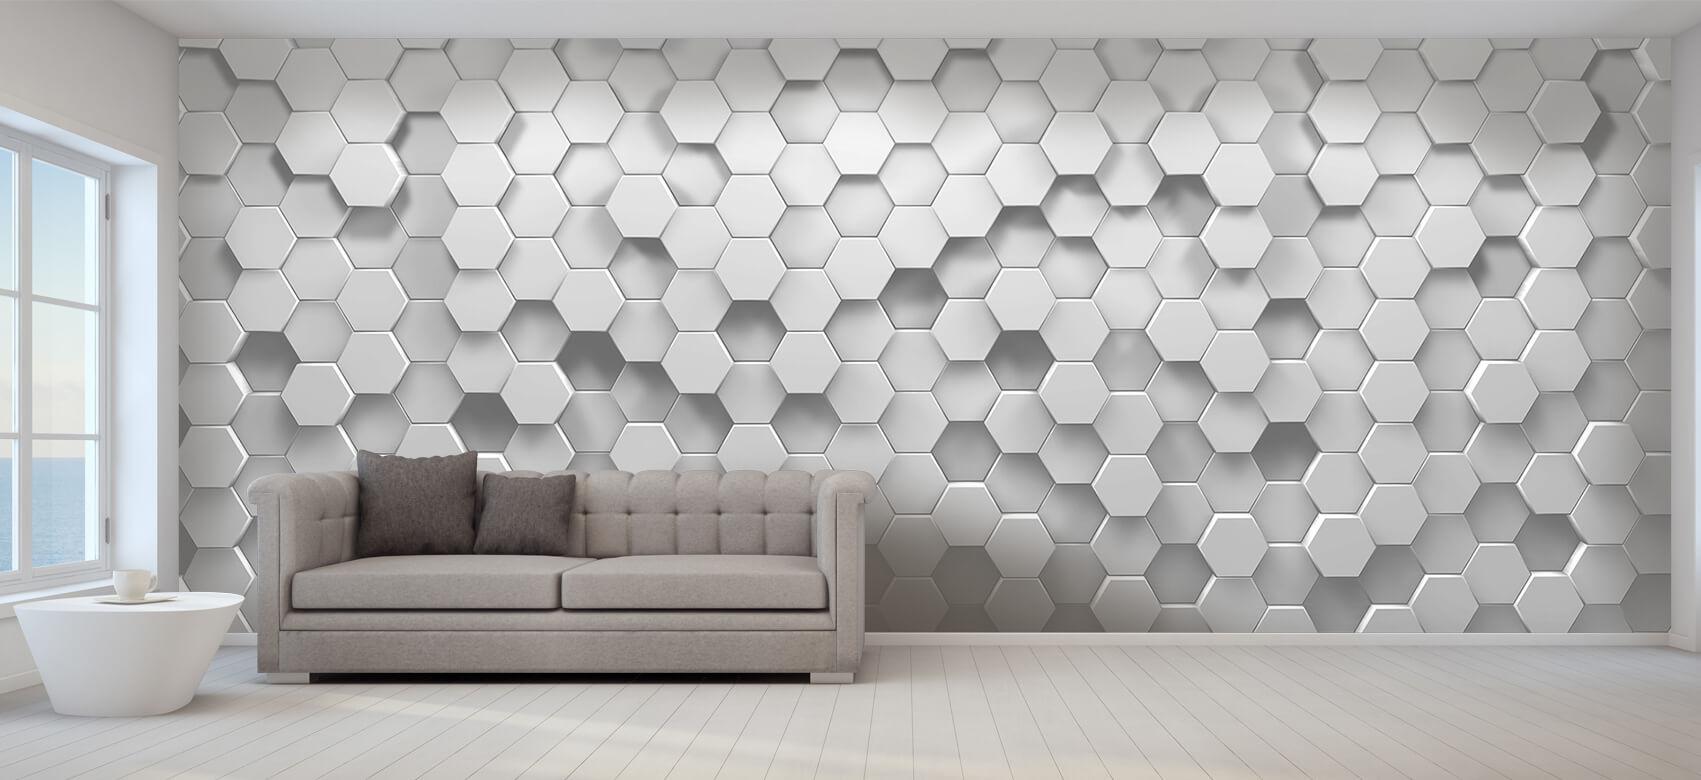 3D 3D Hexagons 6